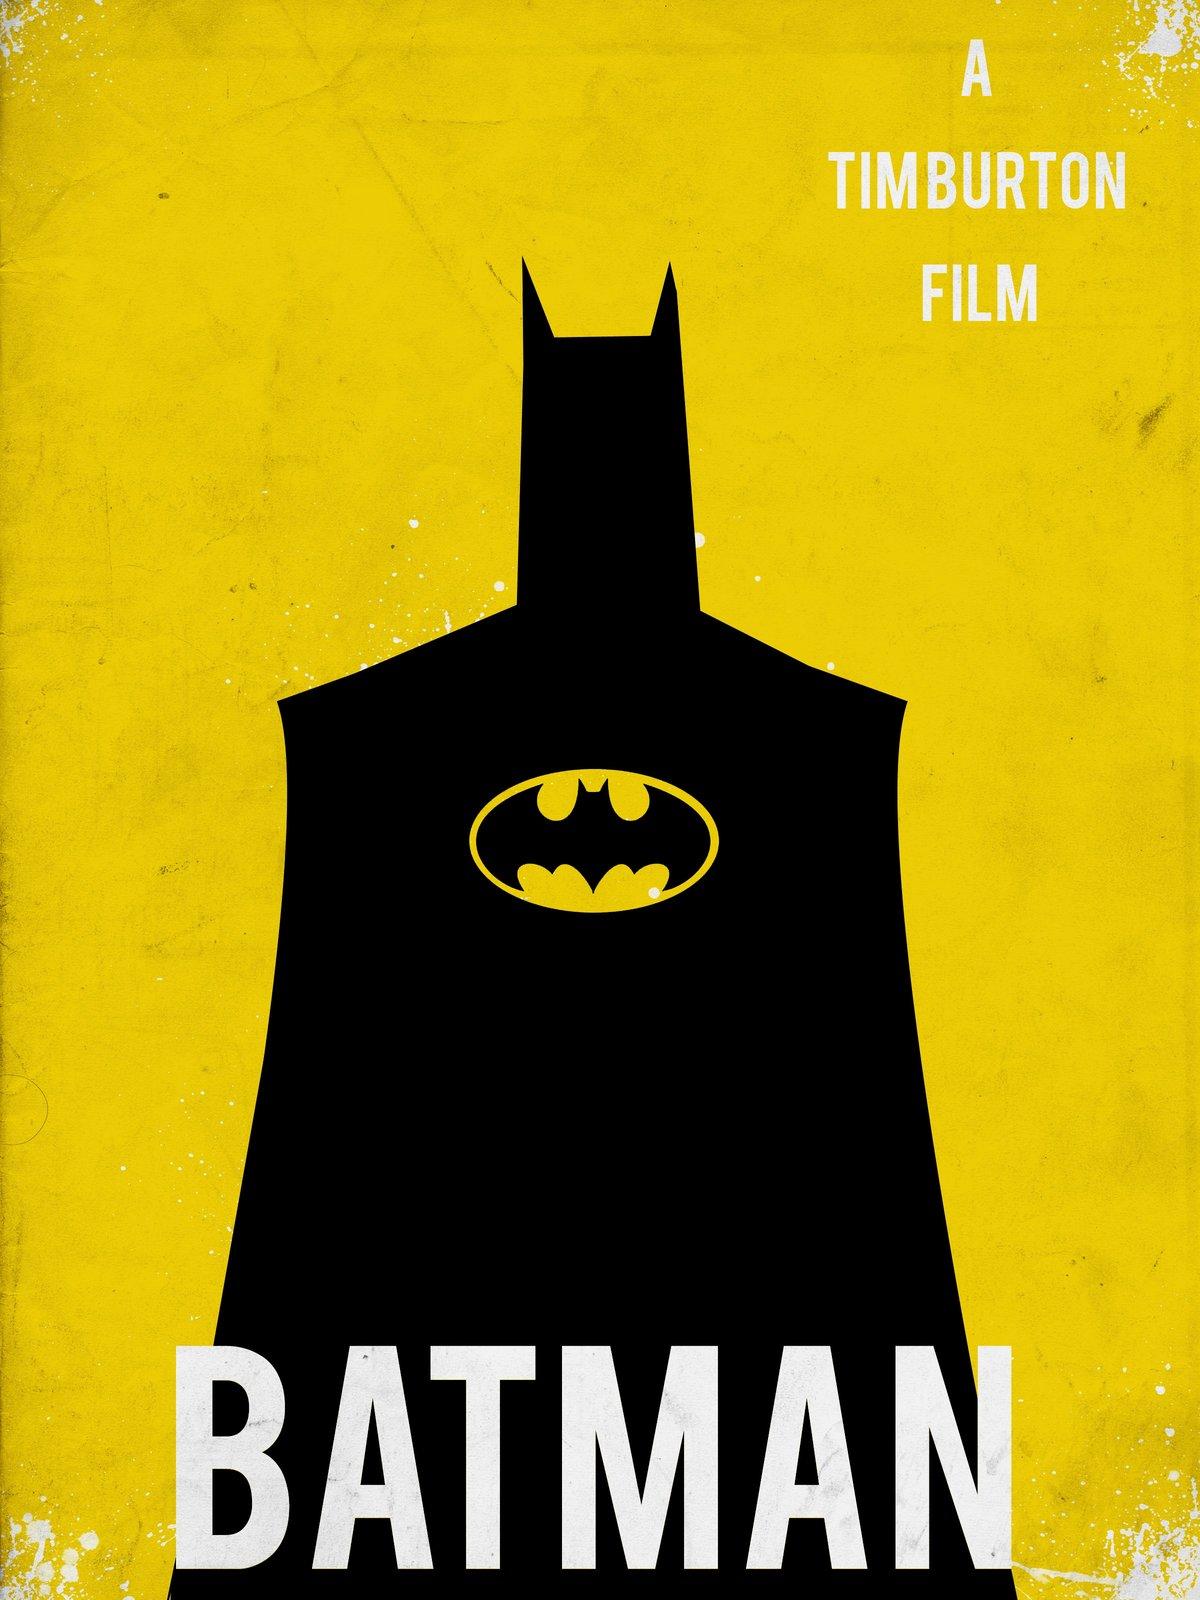 Бэтмен афиша картинки стали